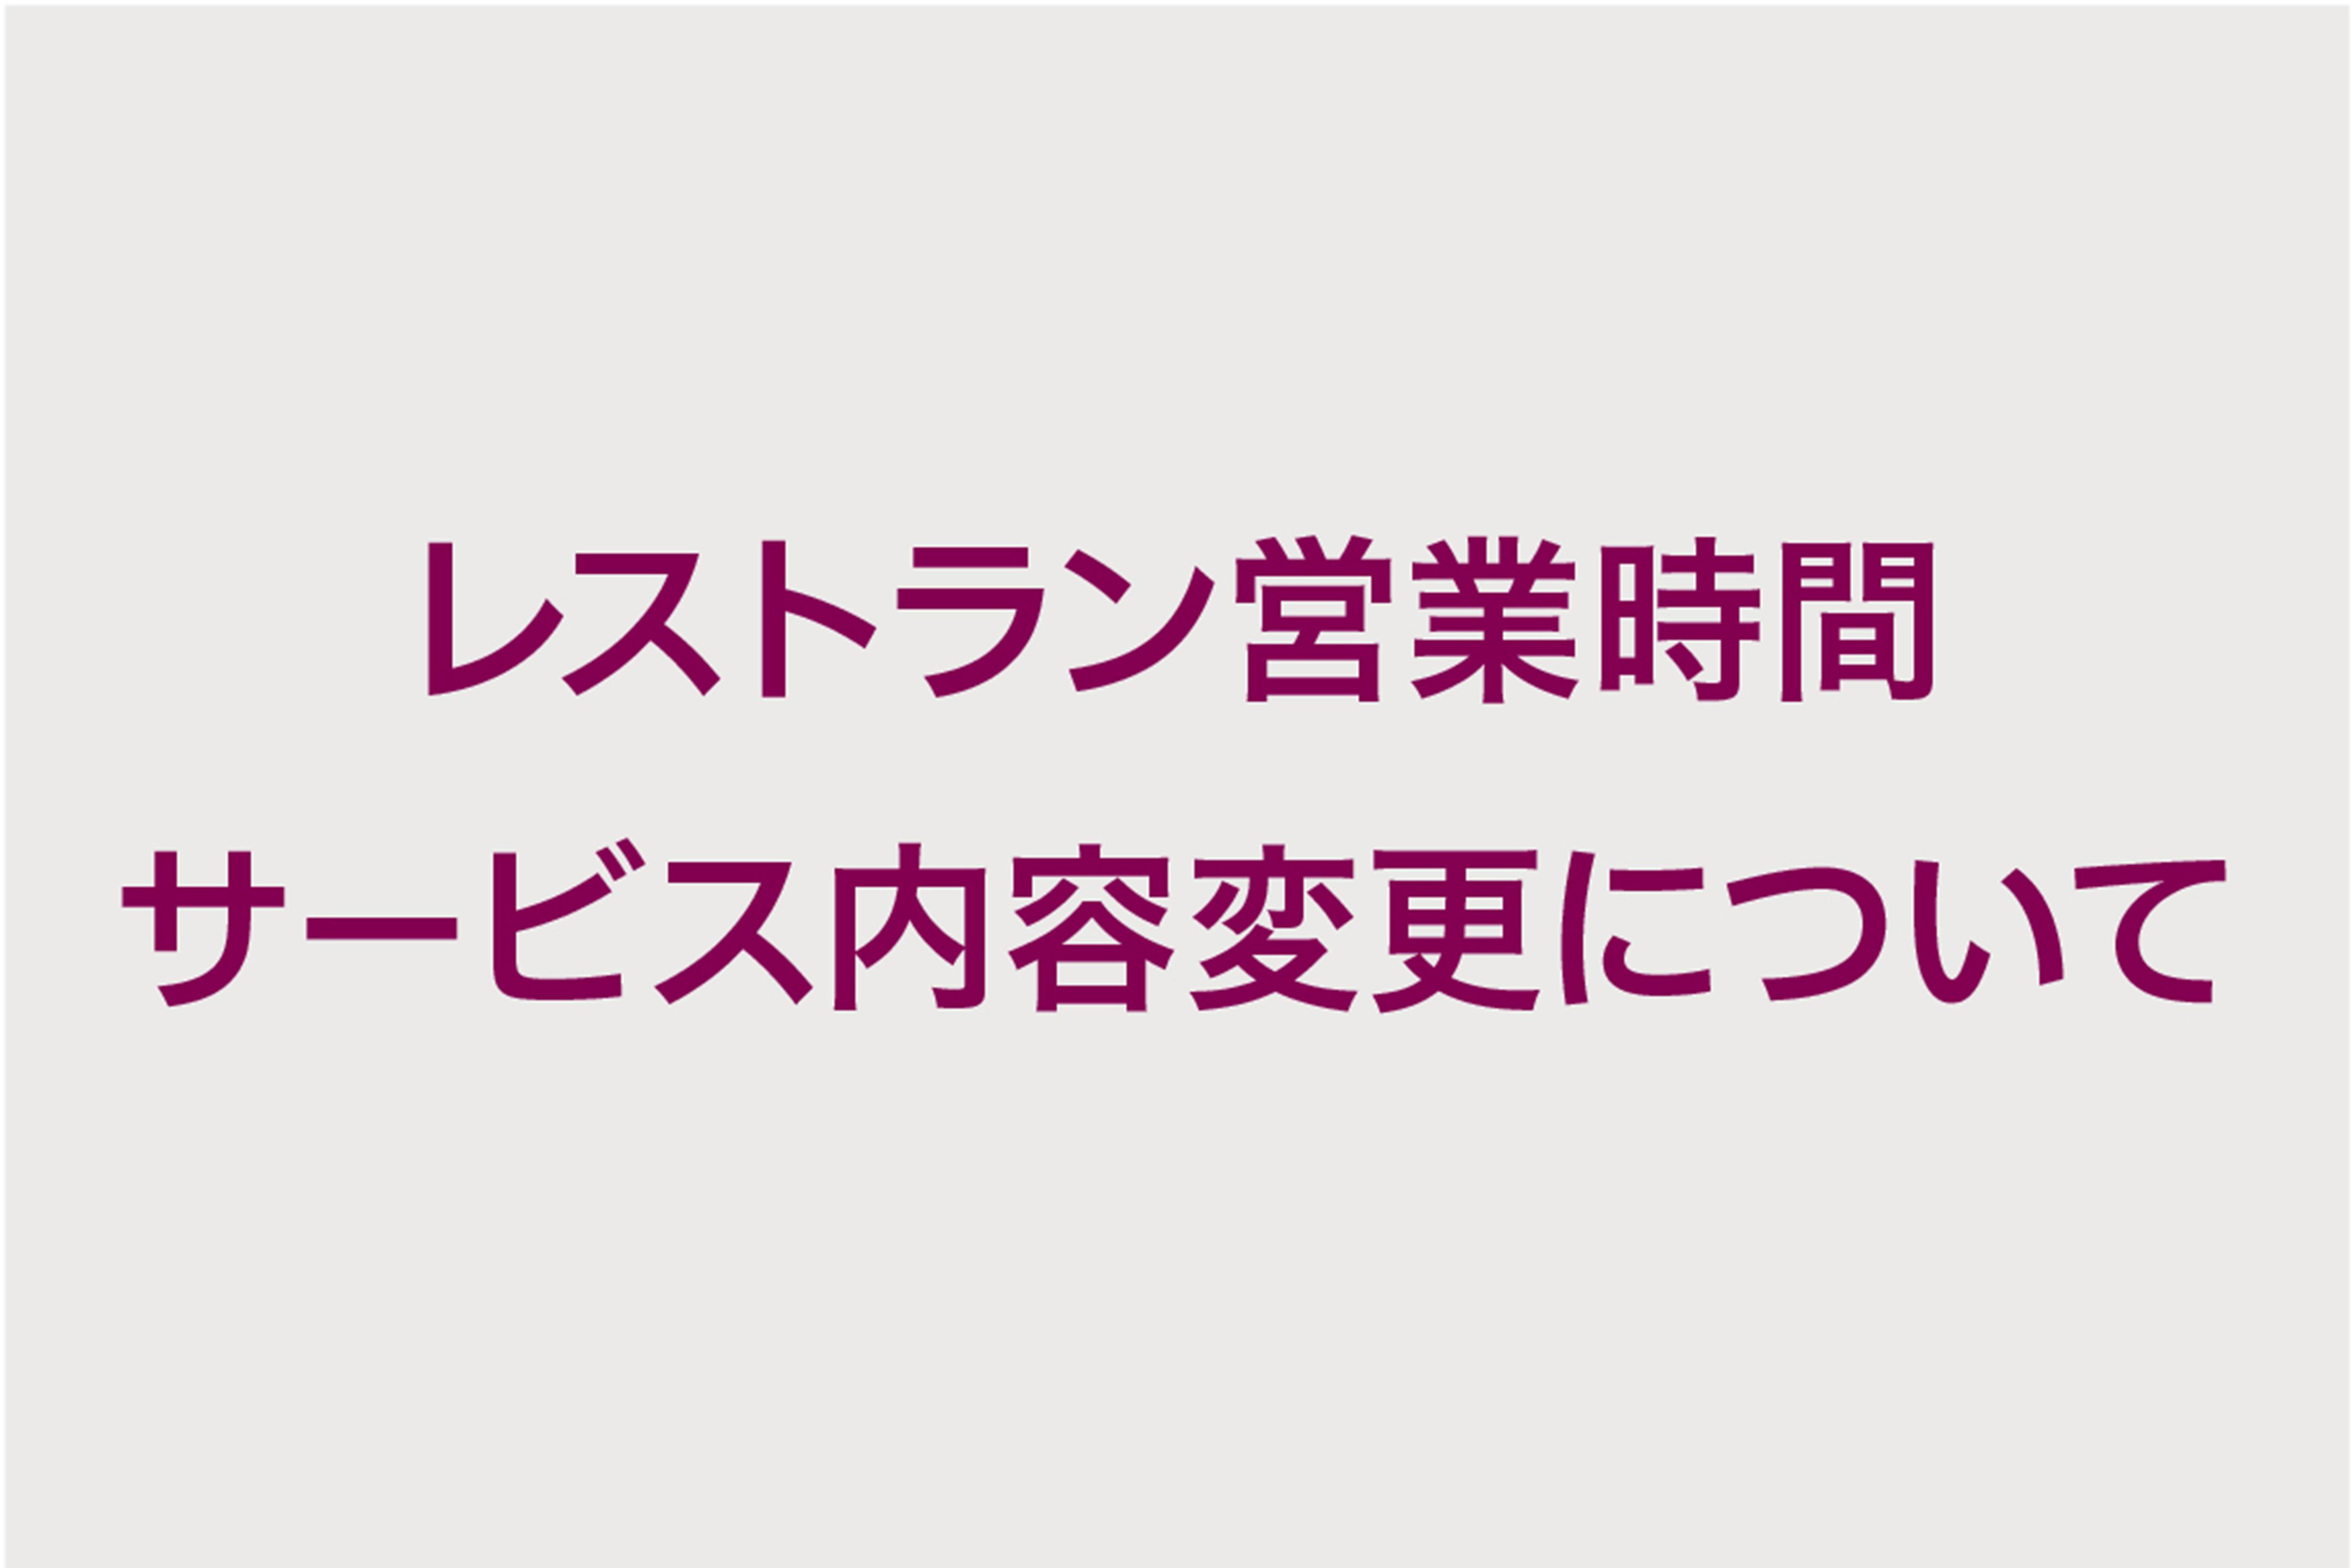 レストラン営業時間・サービス内容変更について(5/10更新)